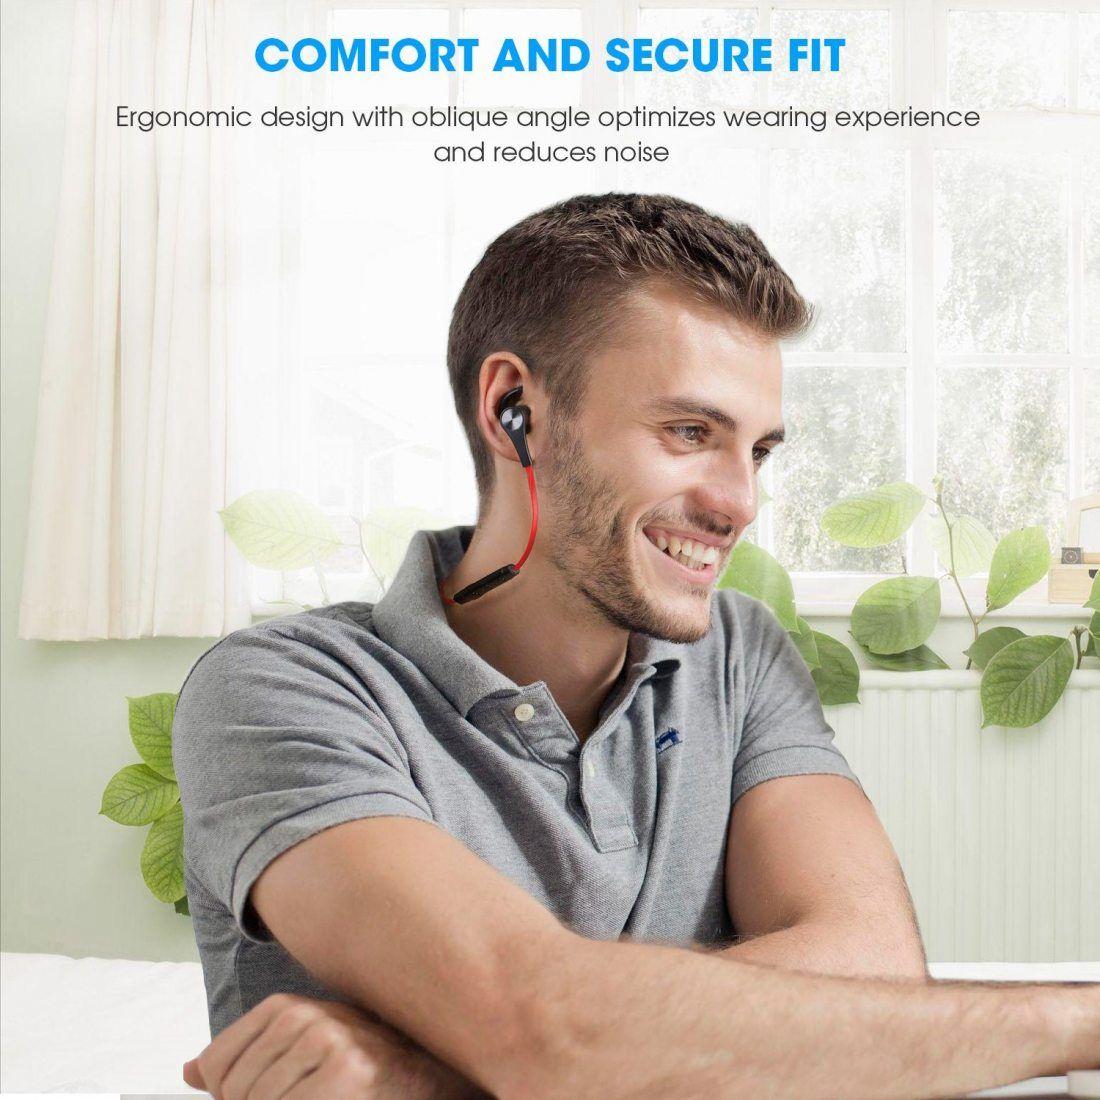 SoundPEATS Oreillettes Bluetooth 4.1 Écouteurs Magnétiques sans Fil pour Sport Casque Anti-transpiration, Bruit Réduit pour O